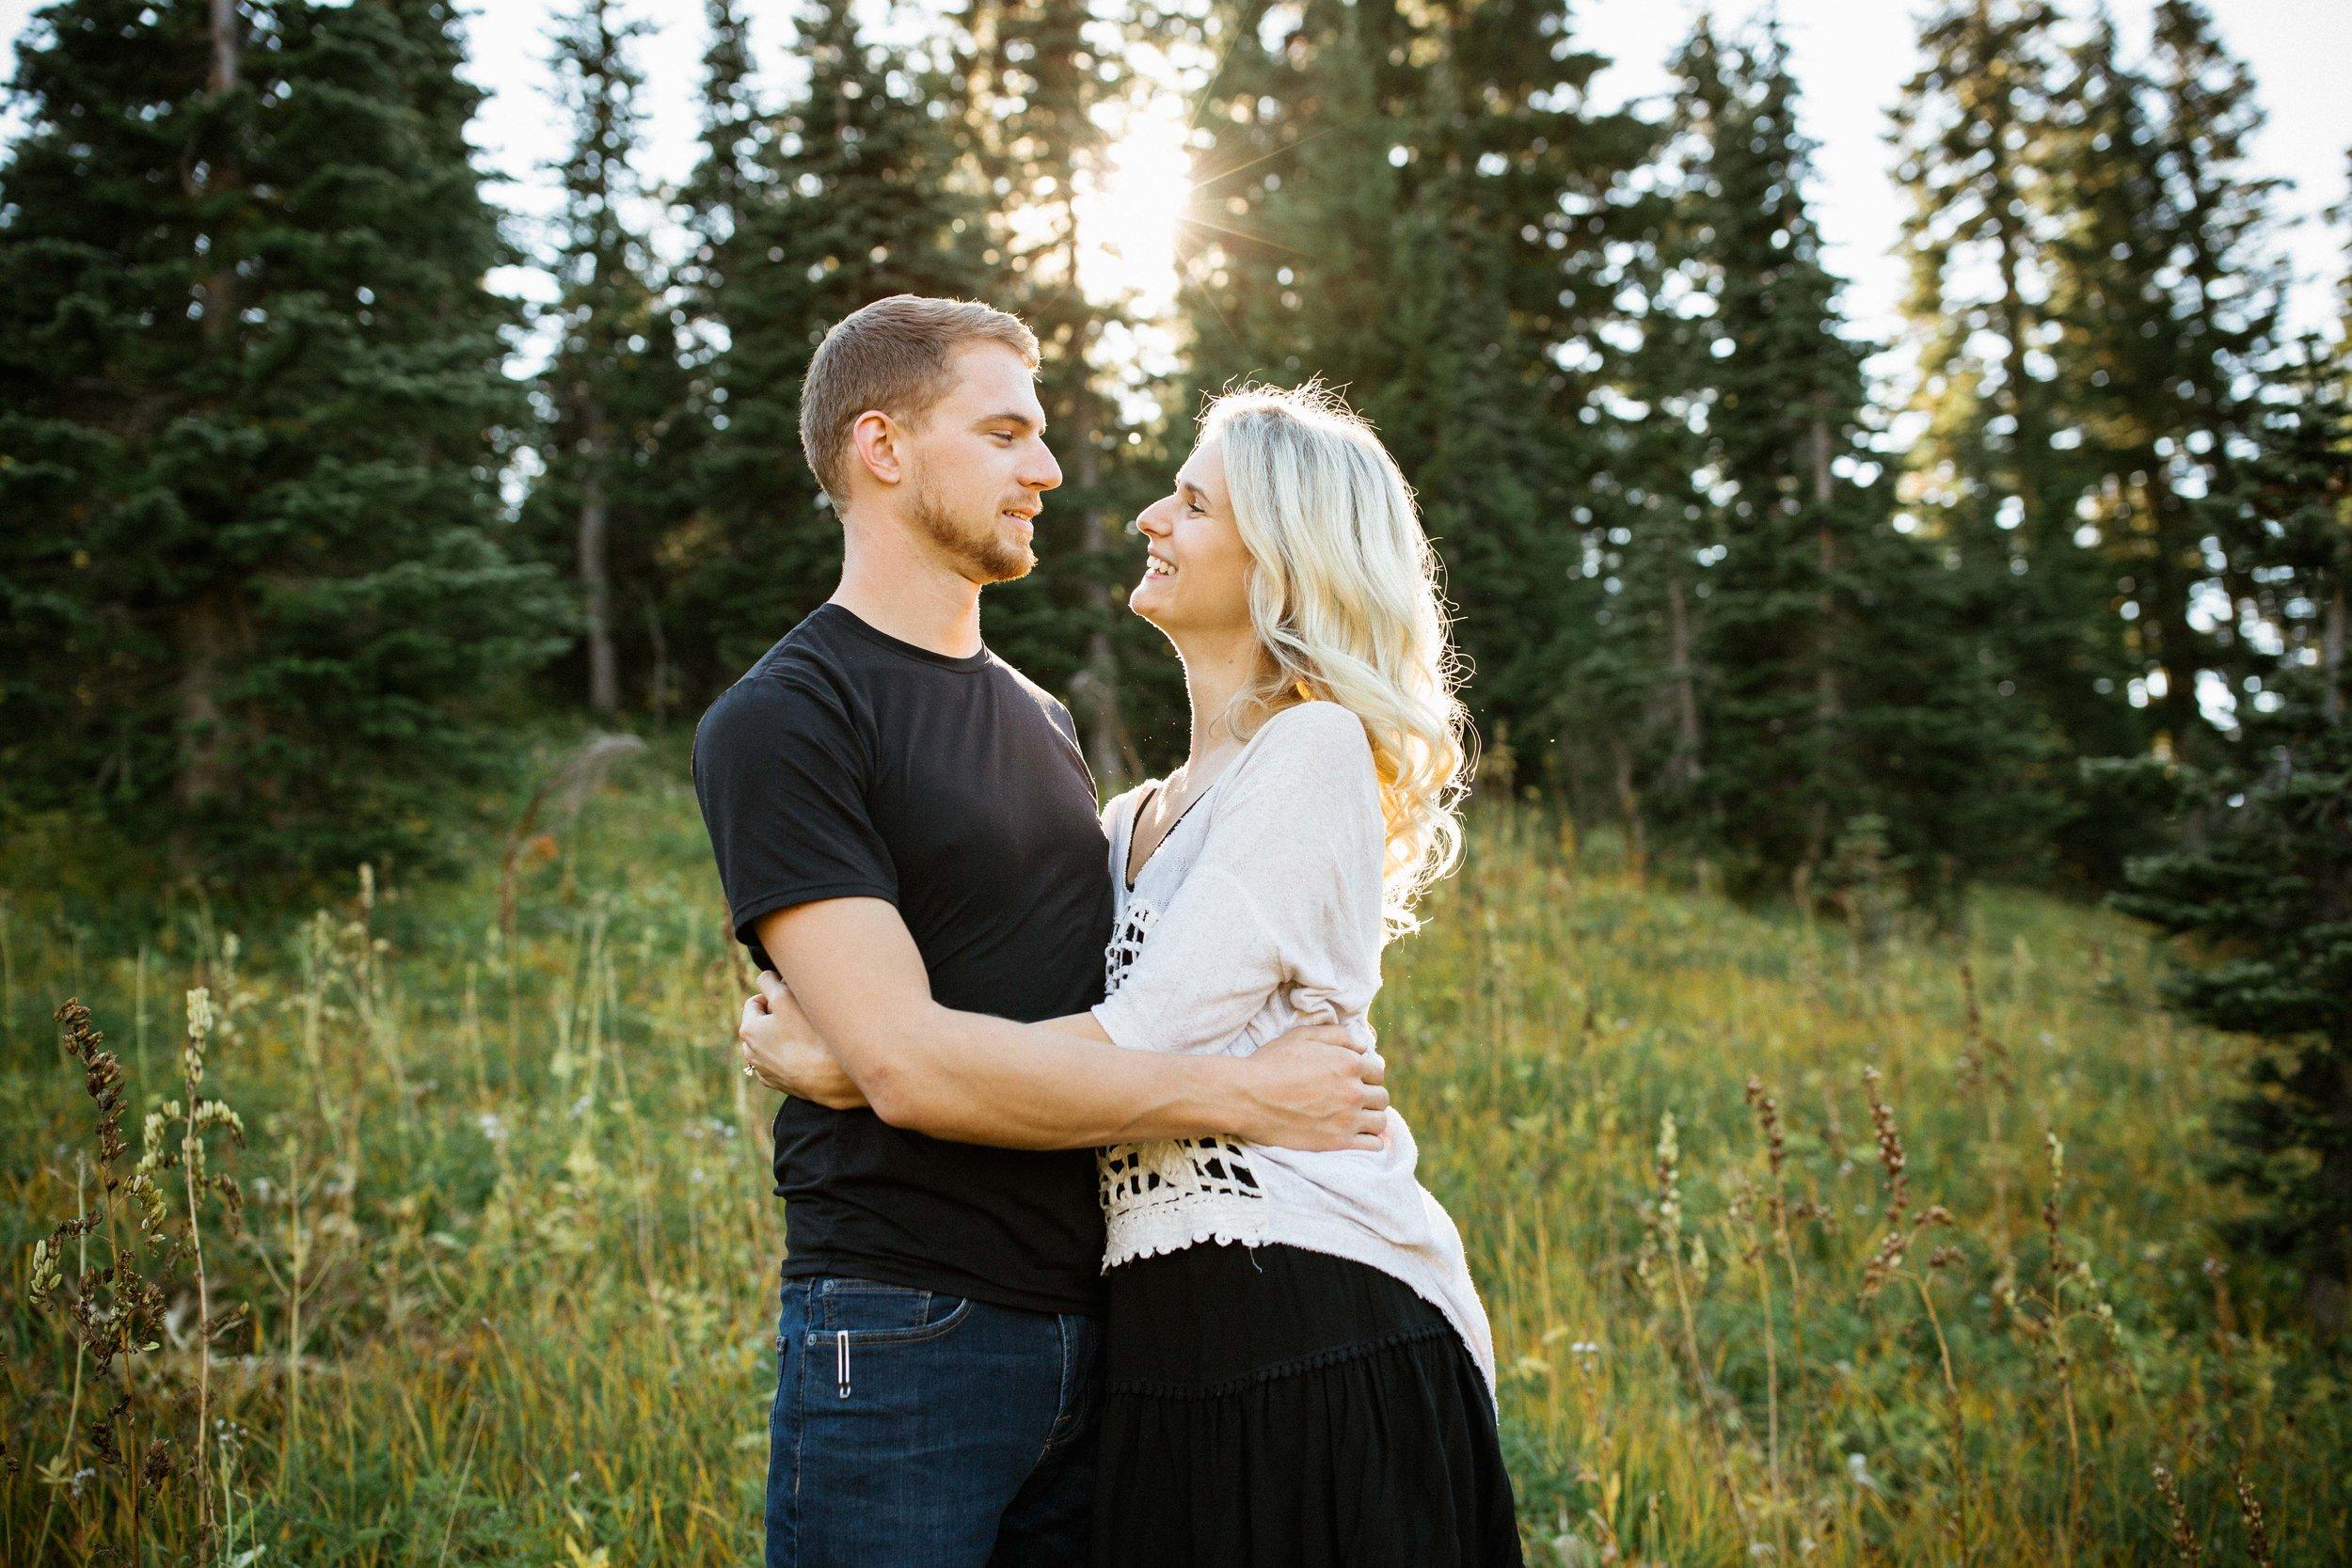 Alexis&Kyle-Engaged!BLOG-29.jpg